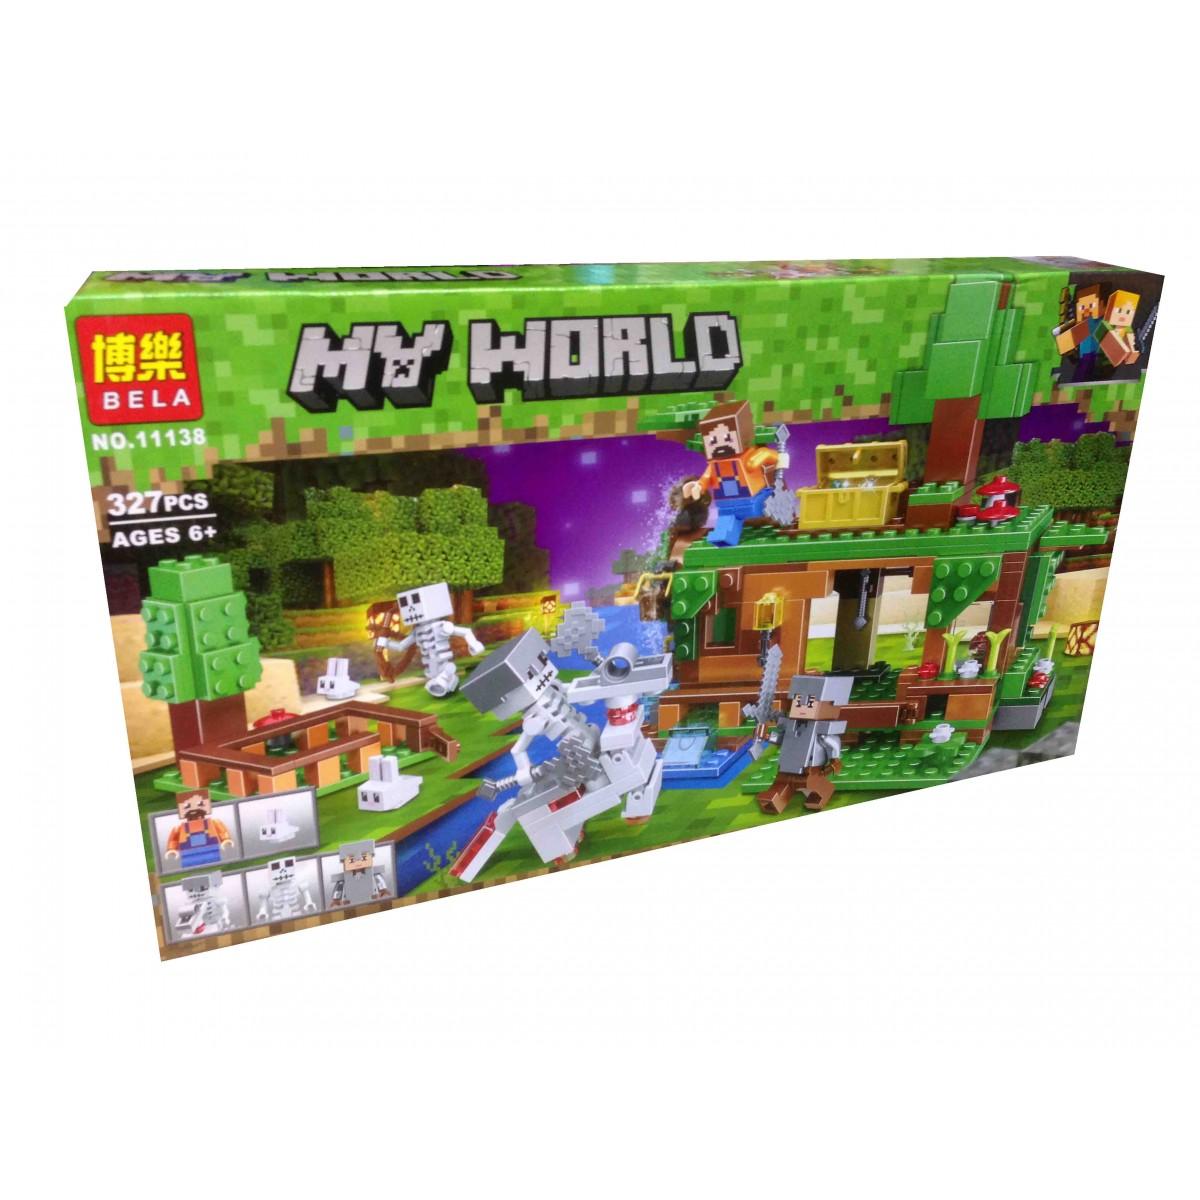 """Конструктор майнкрафт BELA Minecraft """"Битва за скарби"""" 327 деталей"""